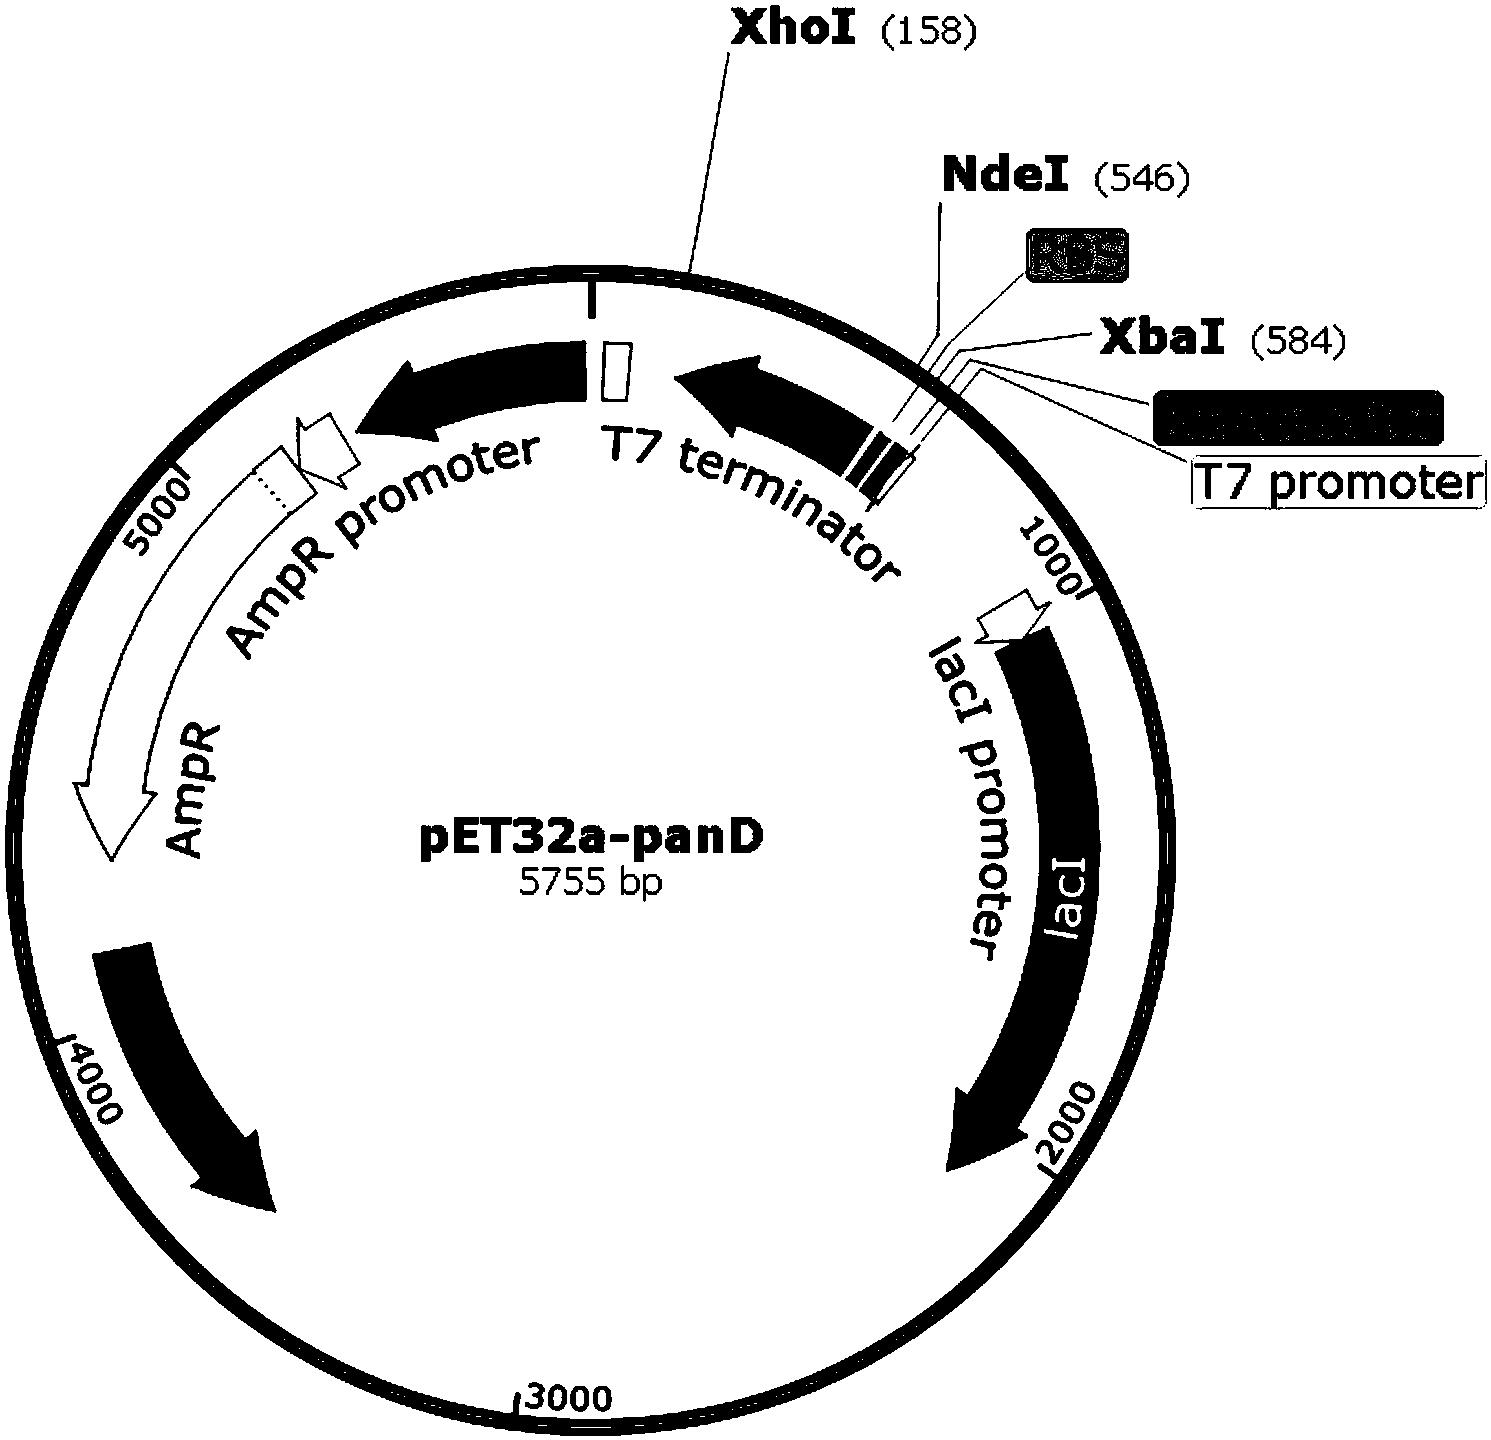 cn108841883a_一种生物酶法转化生产β-丙氨酸和d-天冬氨酸的方法在审